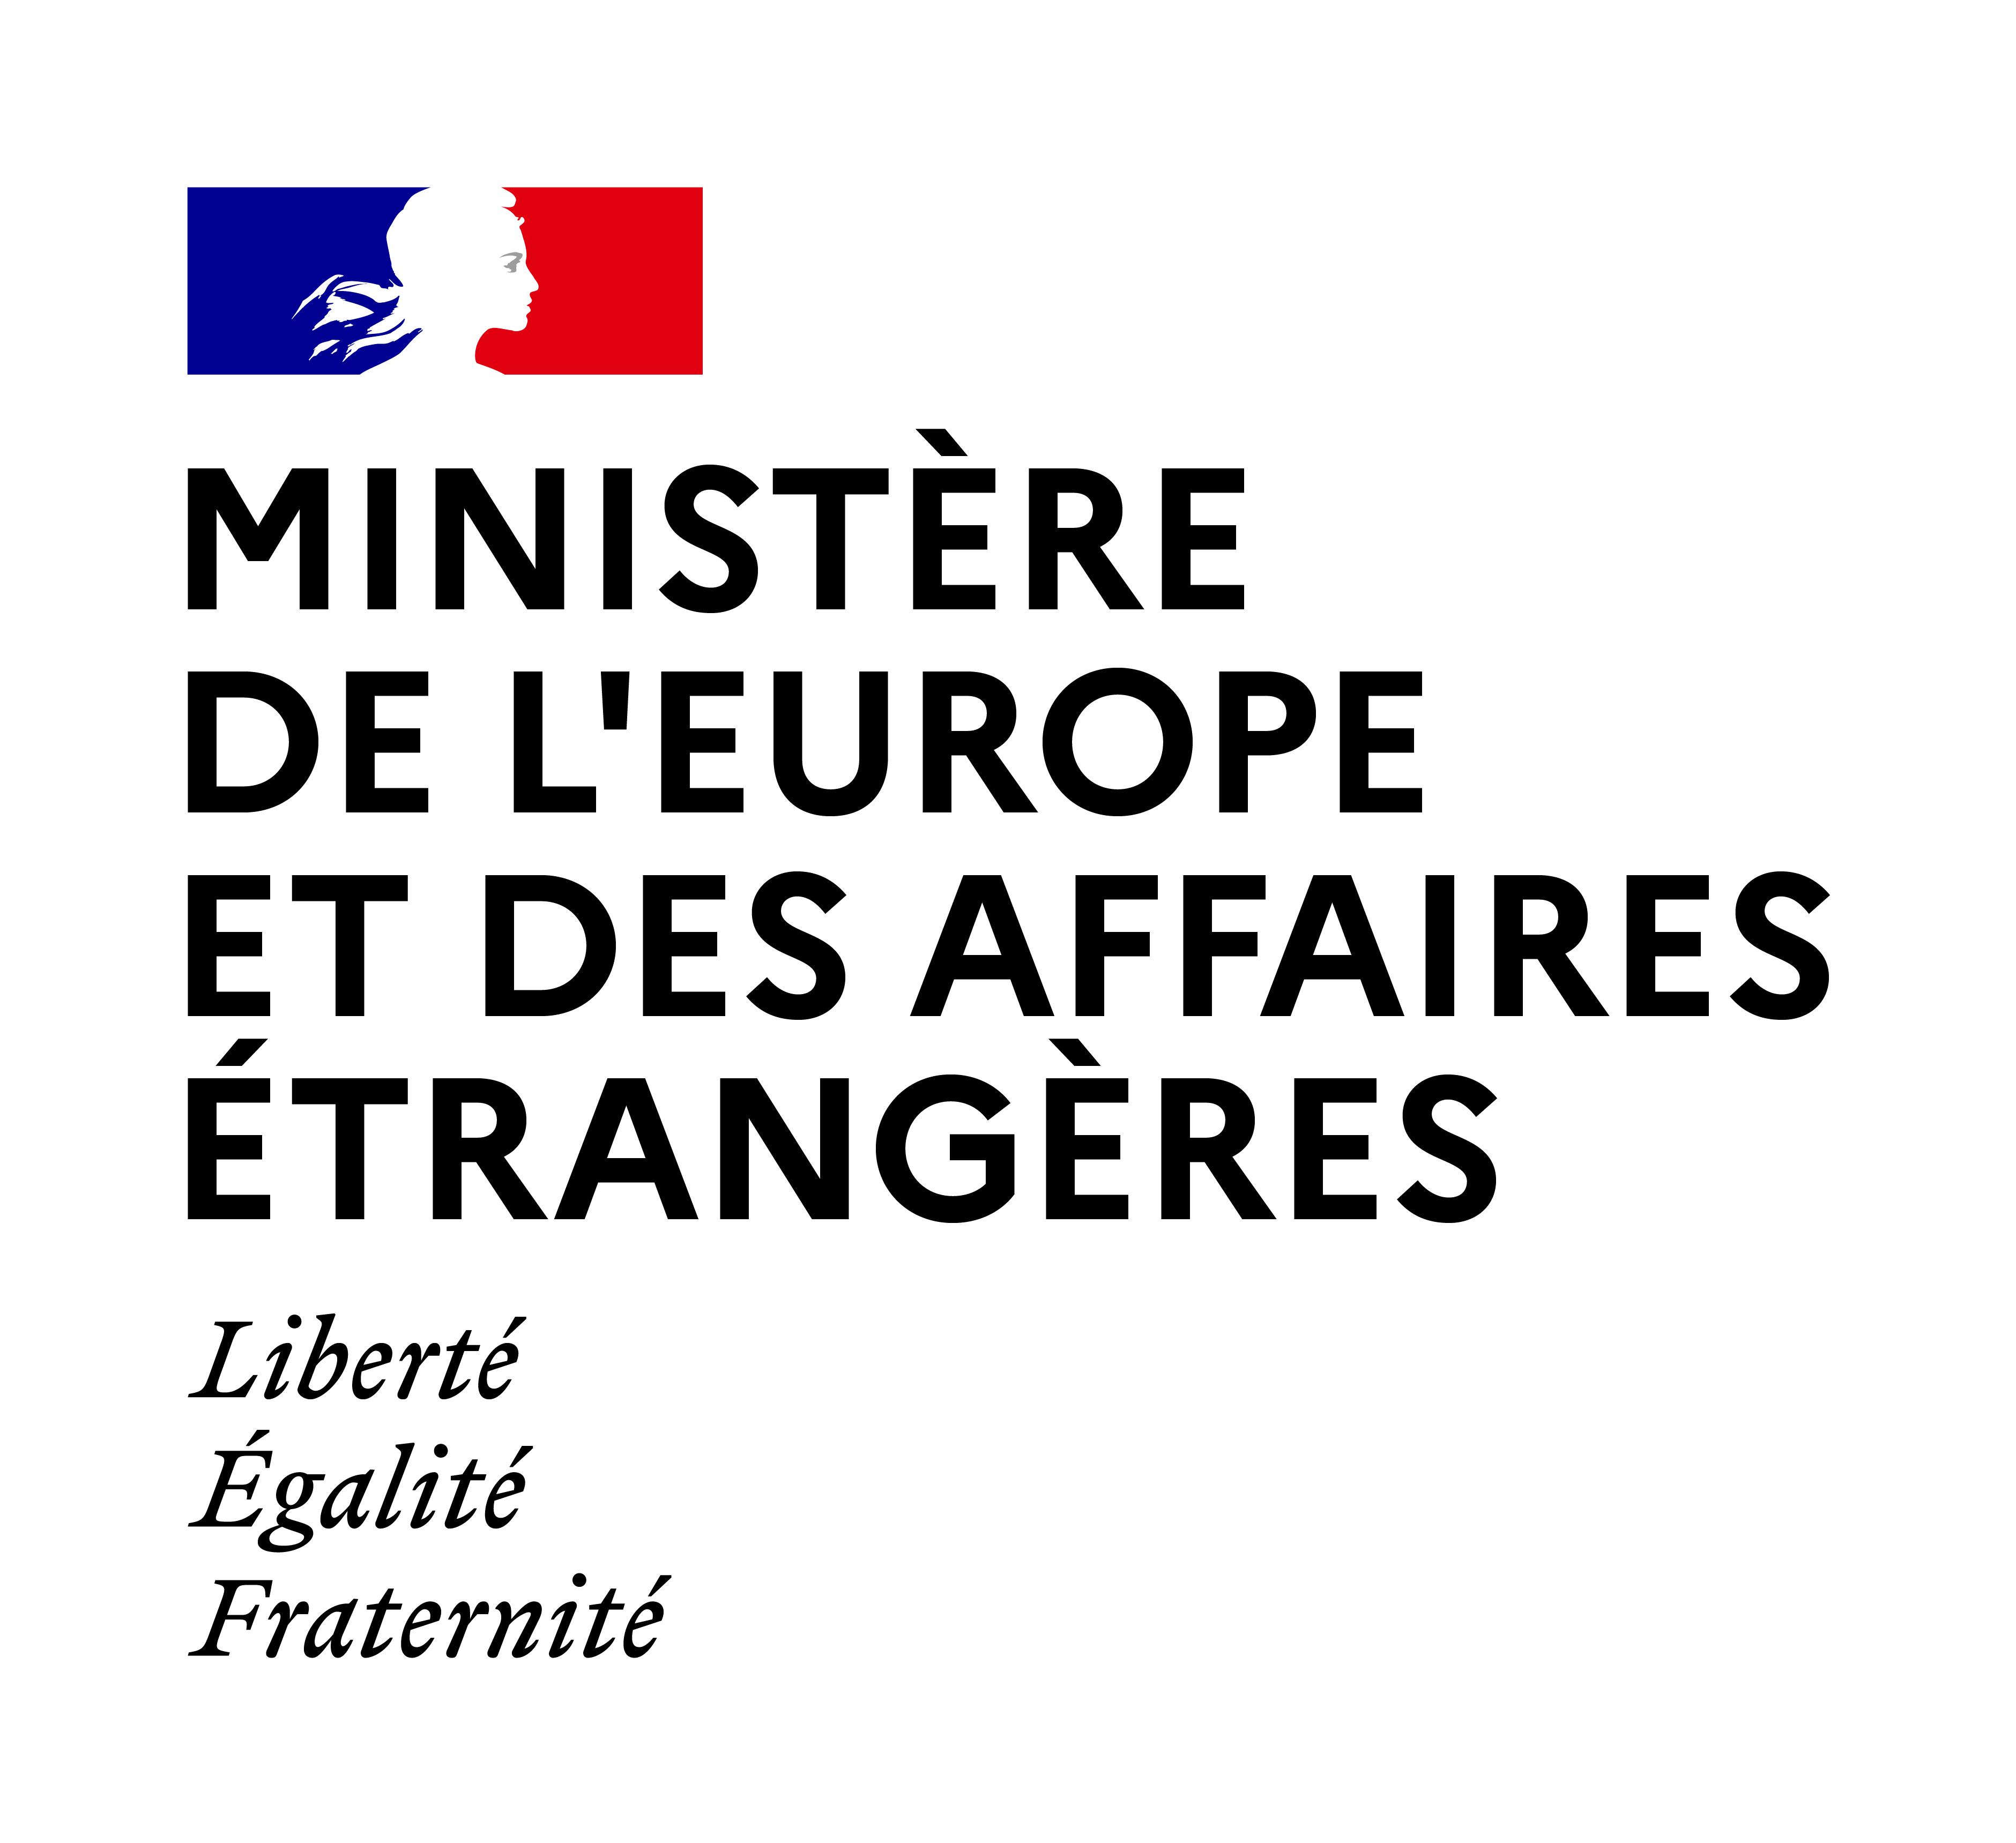 Ministère de l'Europe et des Affaires étrangères (MEAE) – France